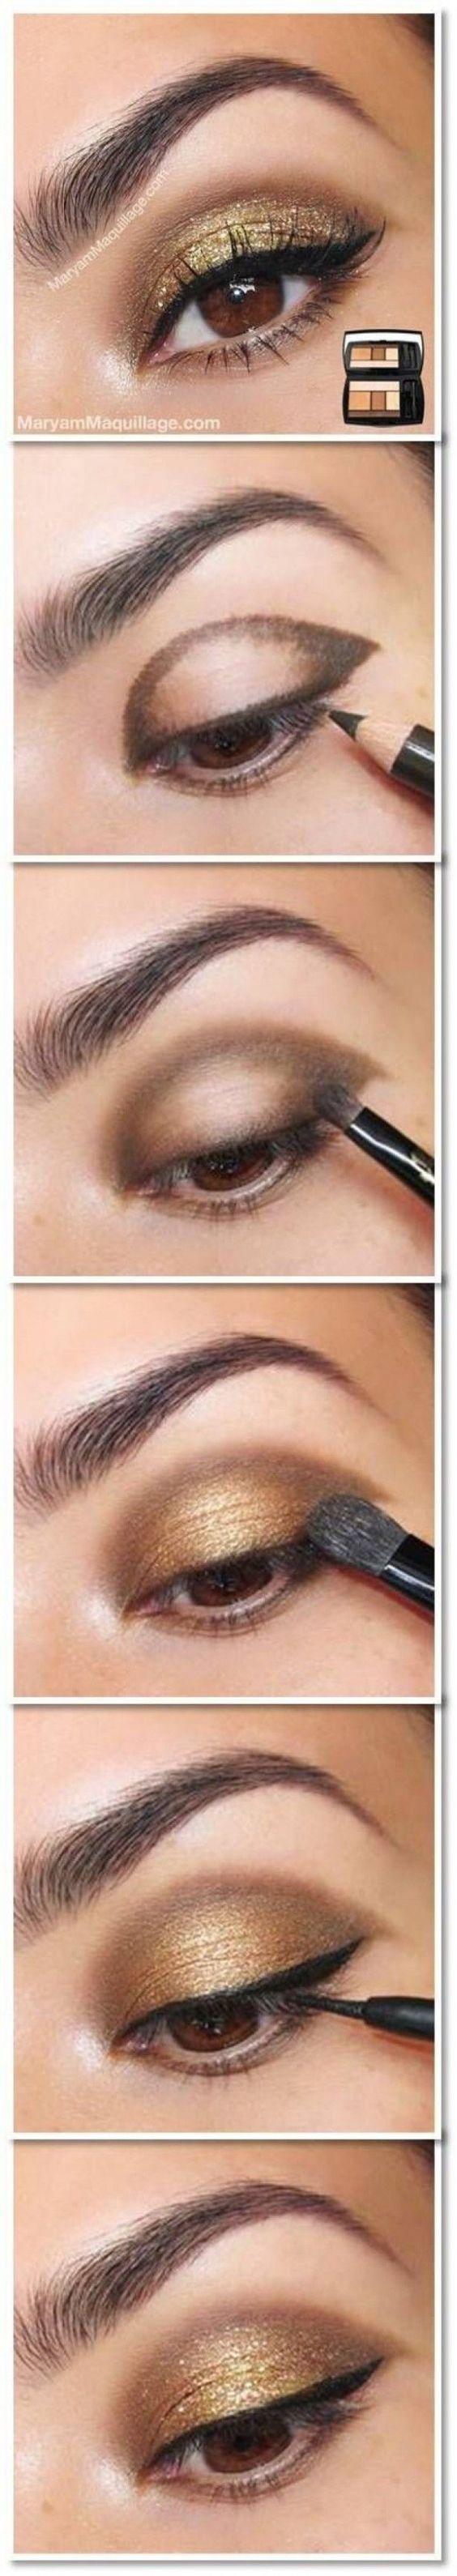 Mooie oogmake-up met bruine en goudkleurige oogschaduw. by Deborah de Jeu